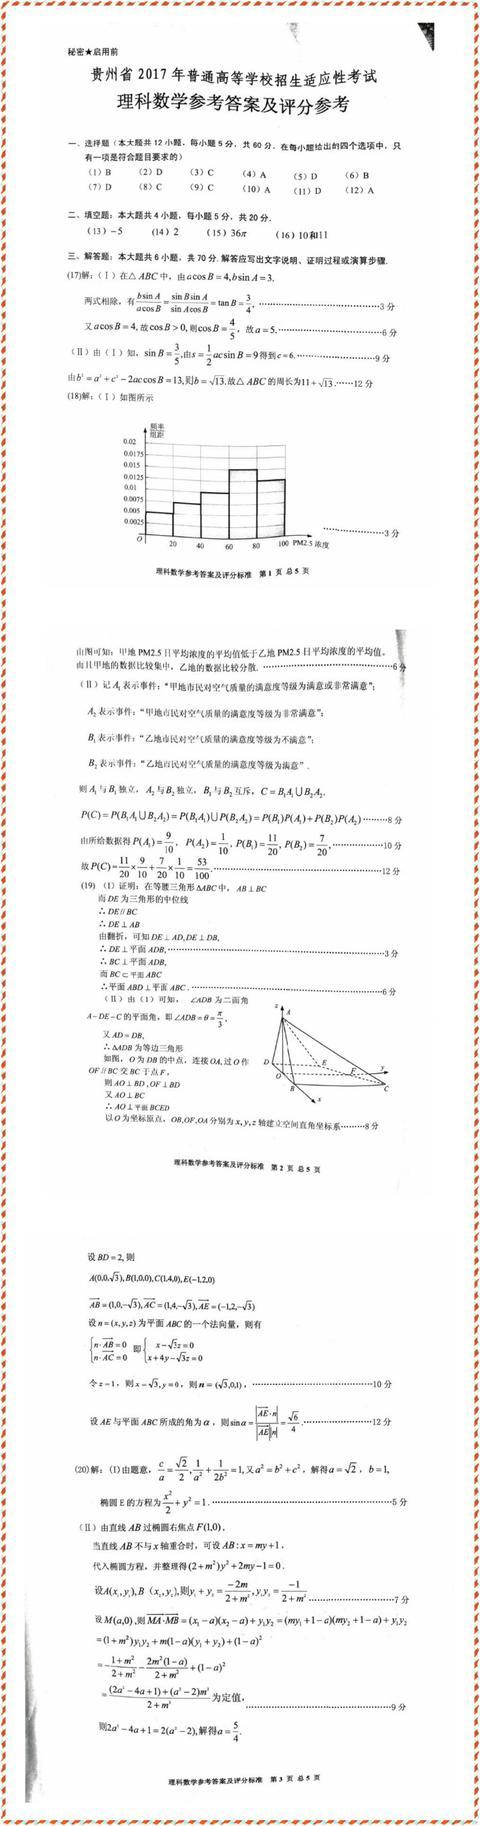 高考数学:高考理科数学适应性考试试题及标准答案